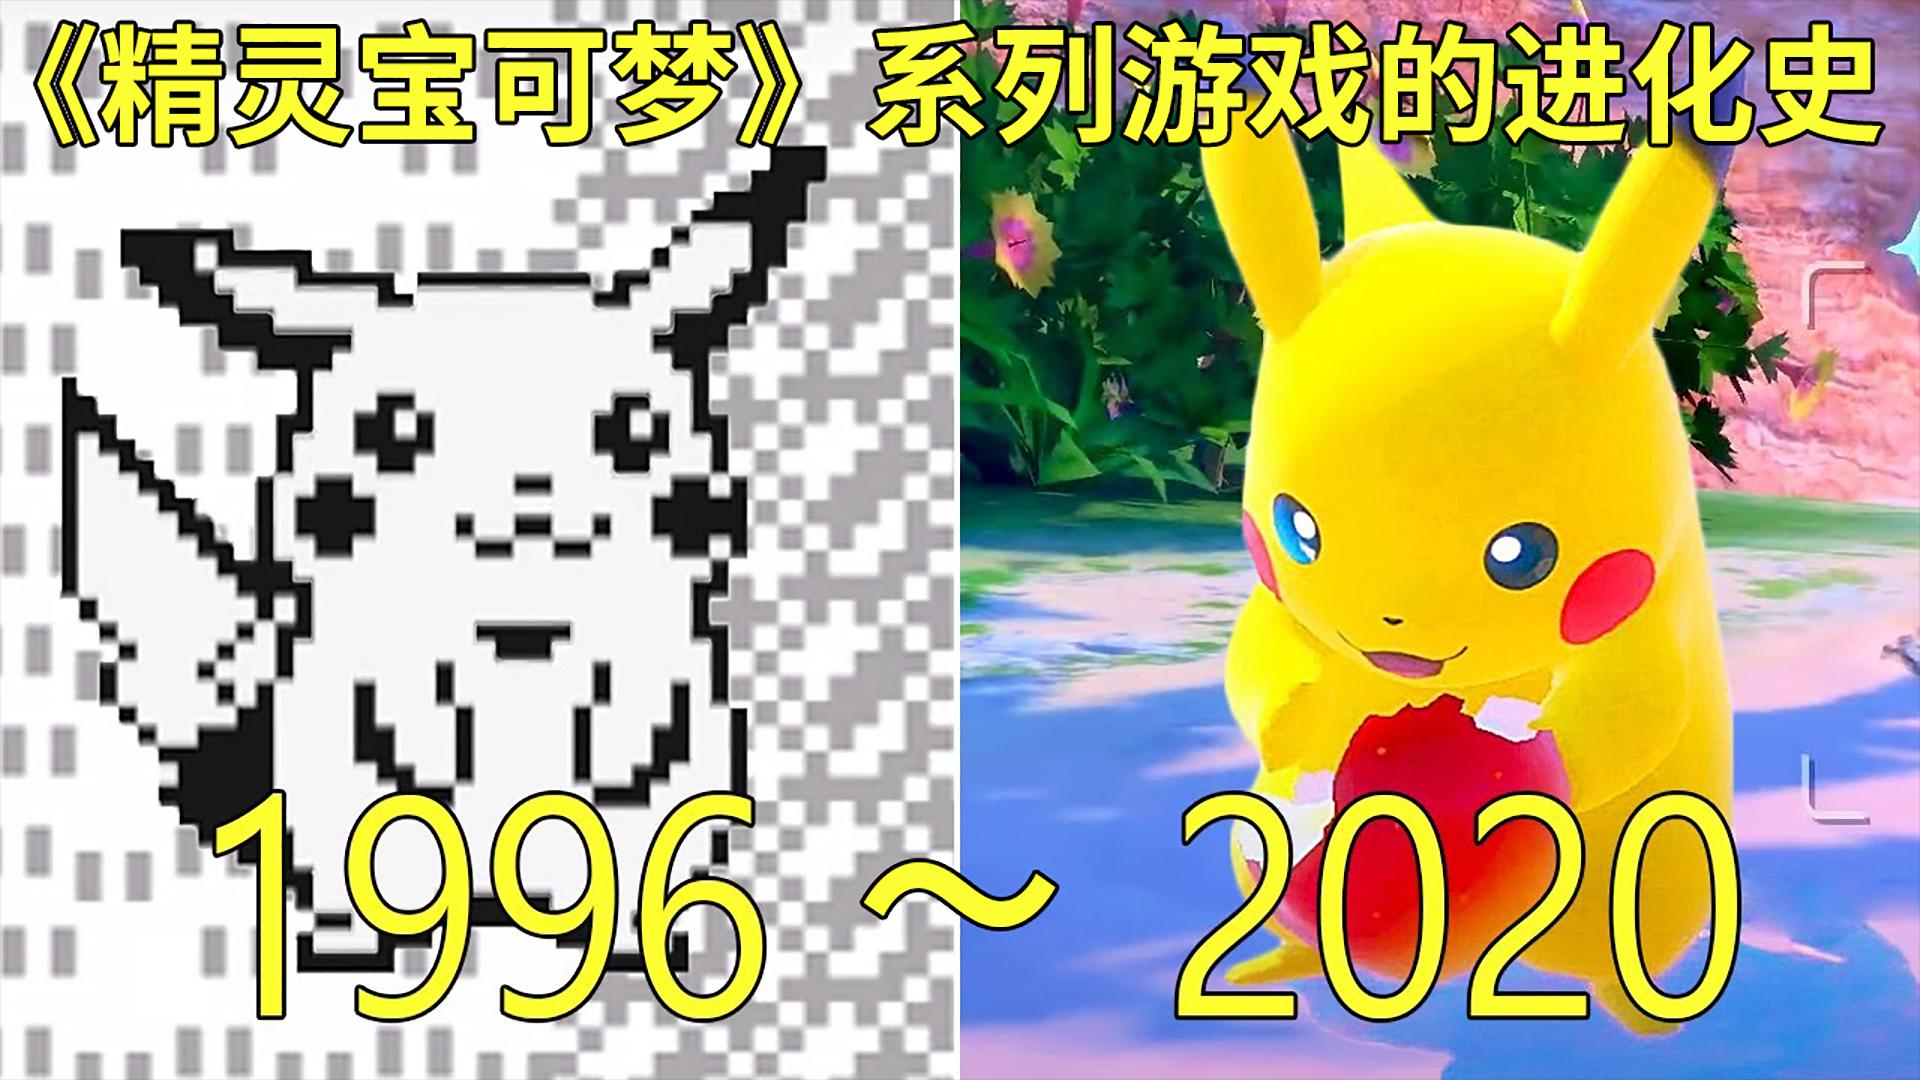 1996—2020年:《精灵宝可梦》系列游戏的进化史!